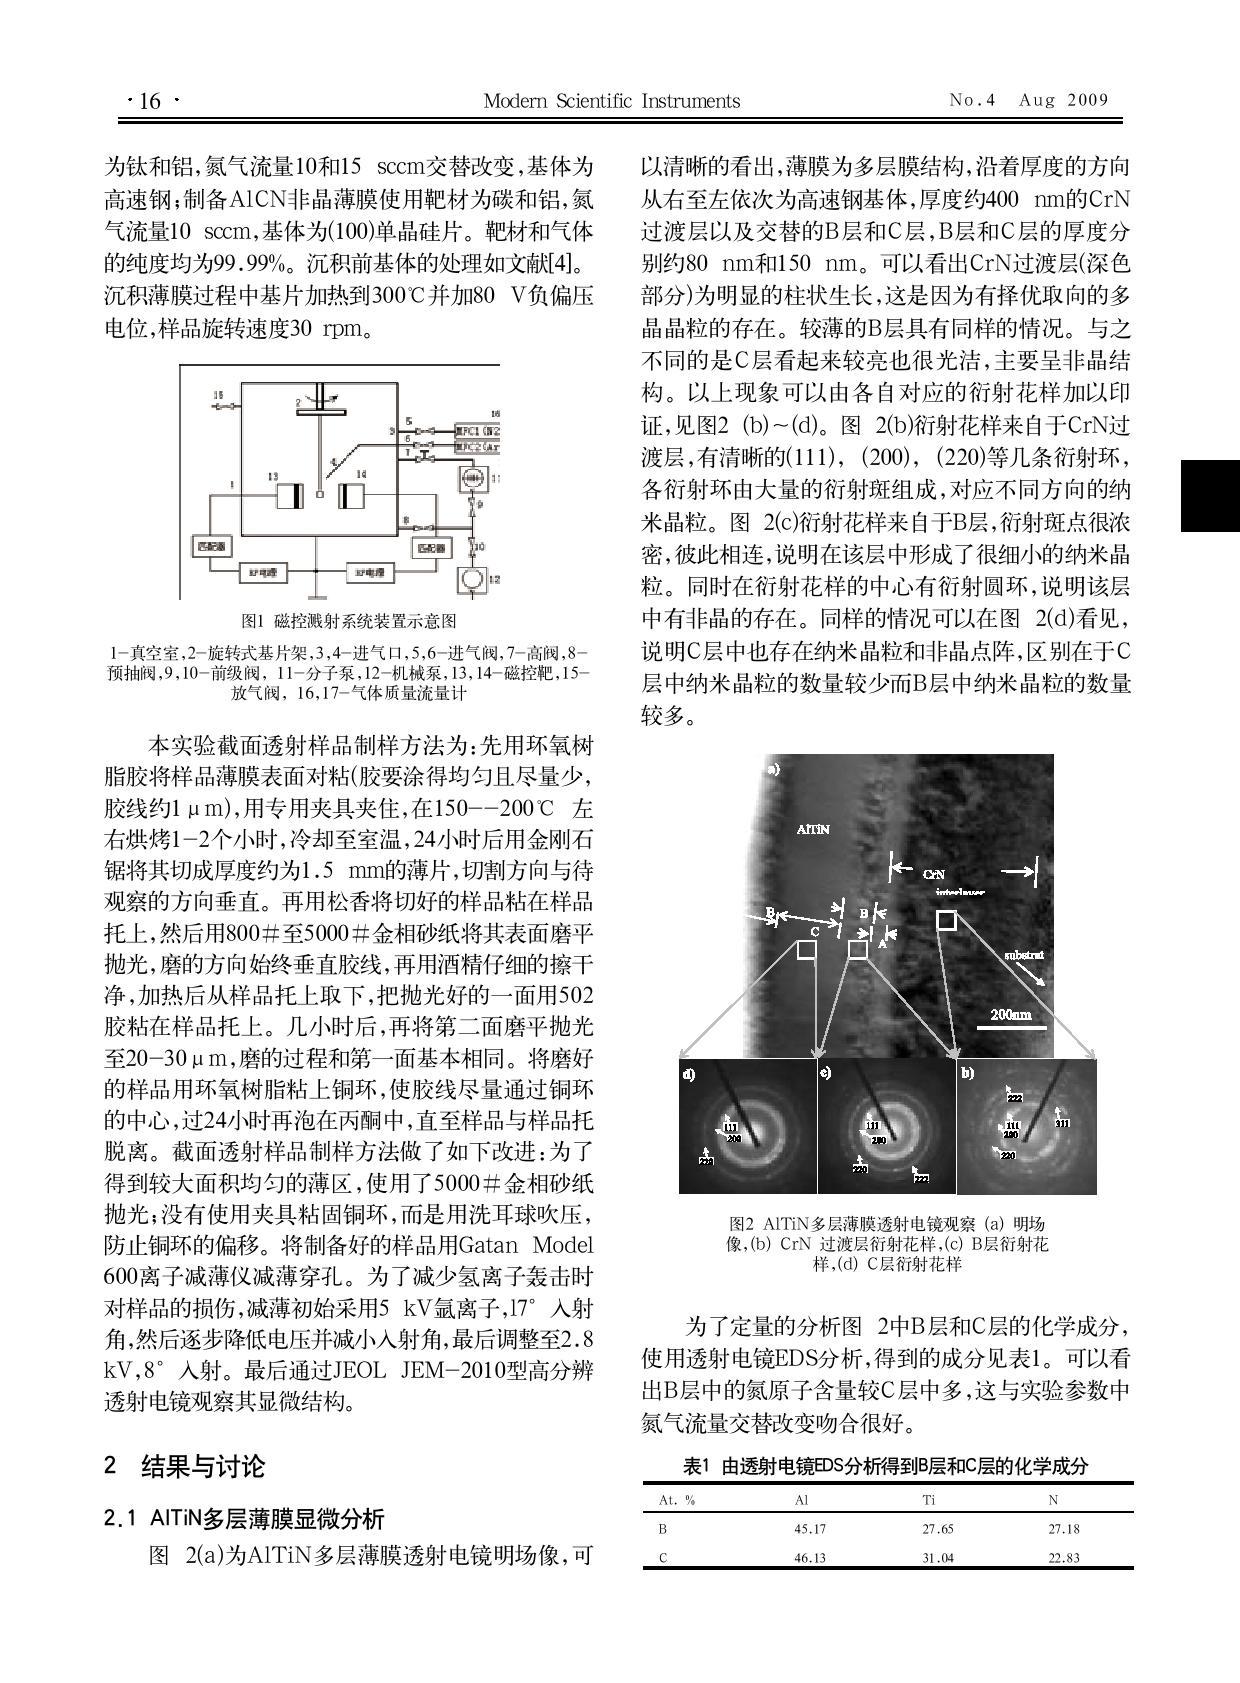 两种陶瓷薄膜的透射电镜研究